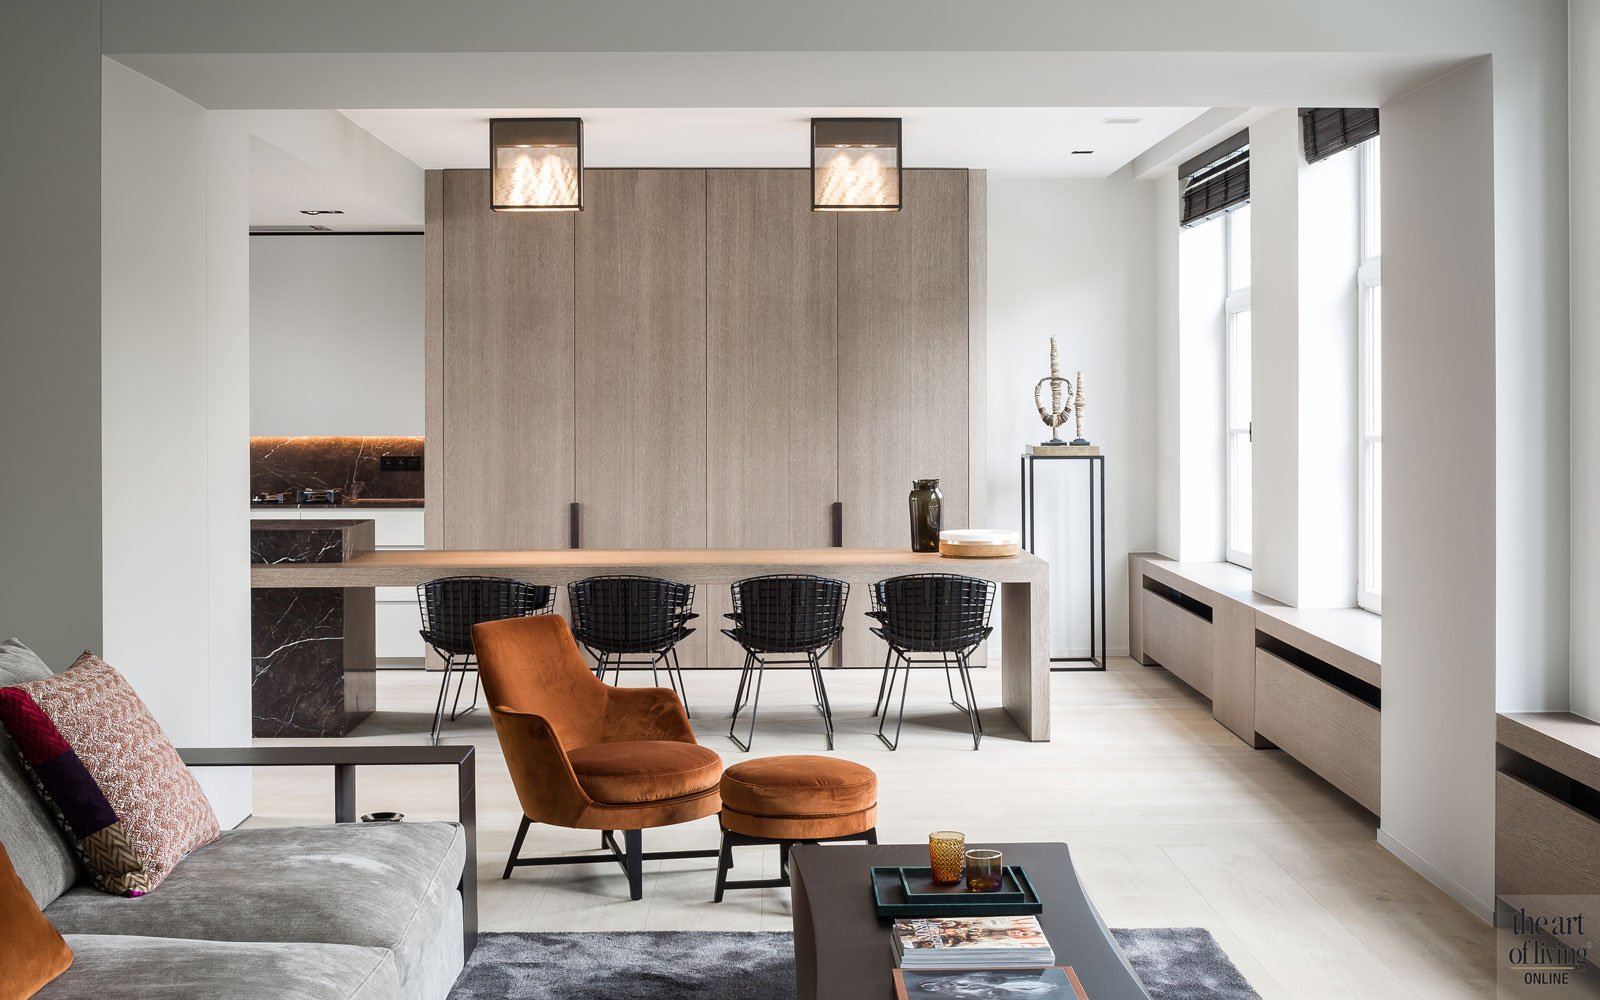 Woonkamer, keuken, open ruimte, eerste verdieping, living, parket, houten vloer, Corvelyn NV, herenhuis, renovatie, JUMA architects